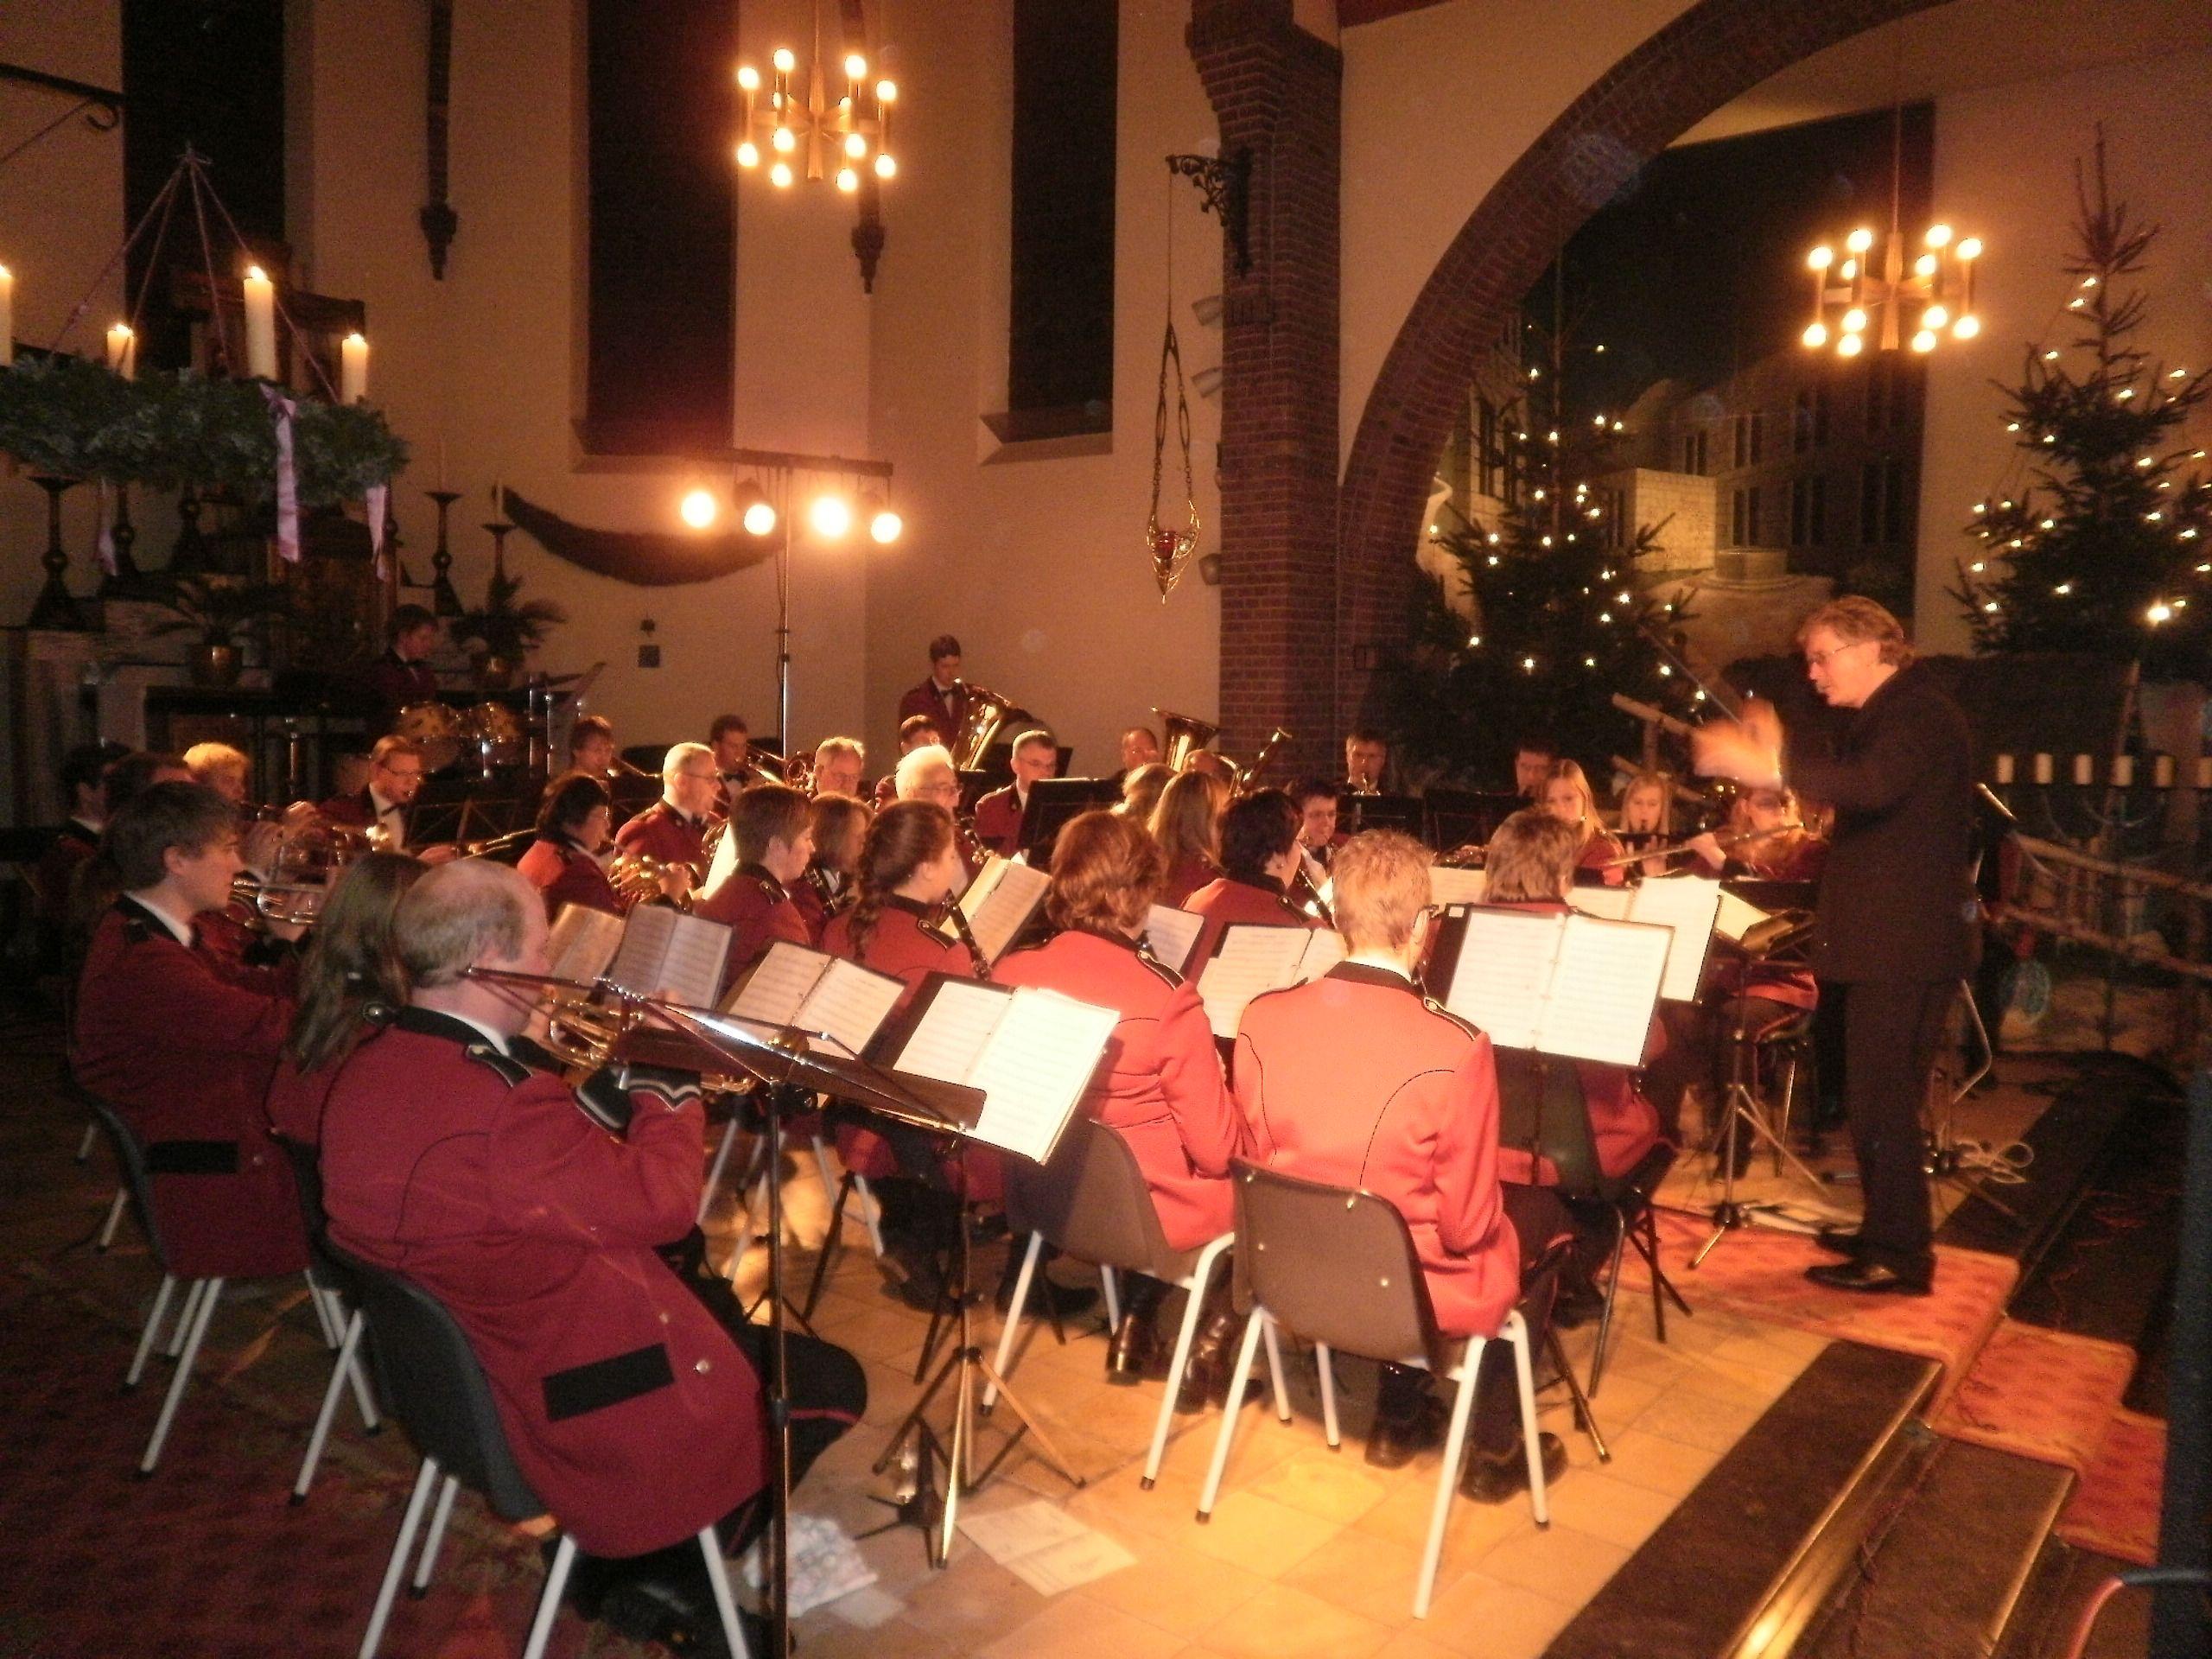 Jaarlijks houdt de Plechelmus Harmonie een Kerstconcert in de kerk van De Lutte